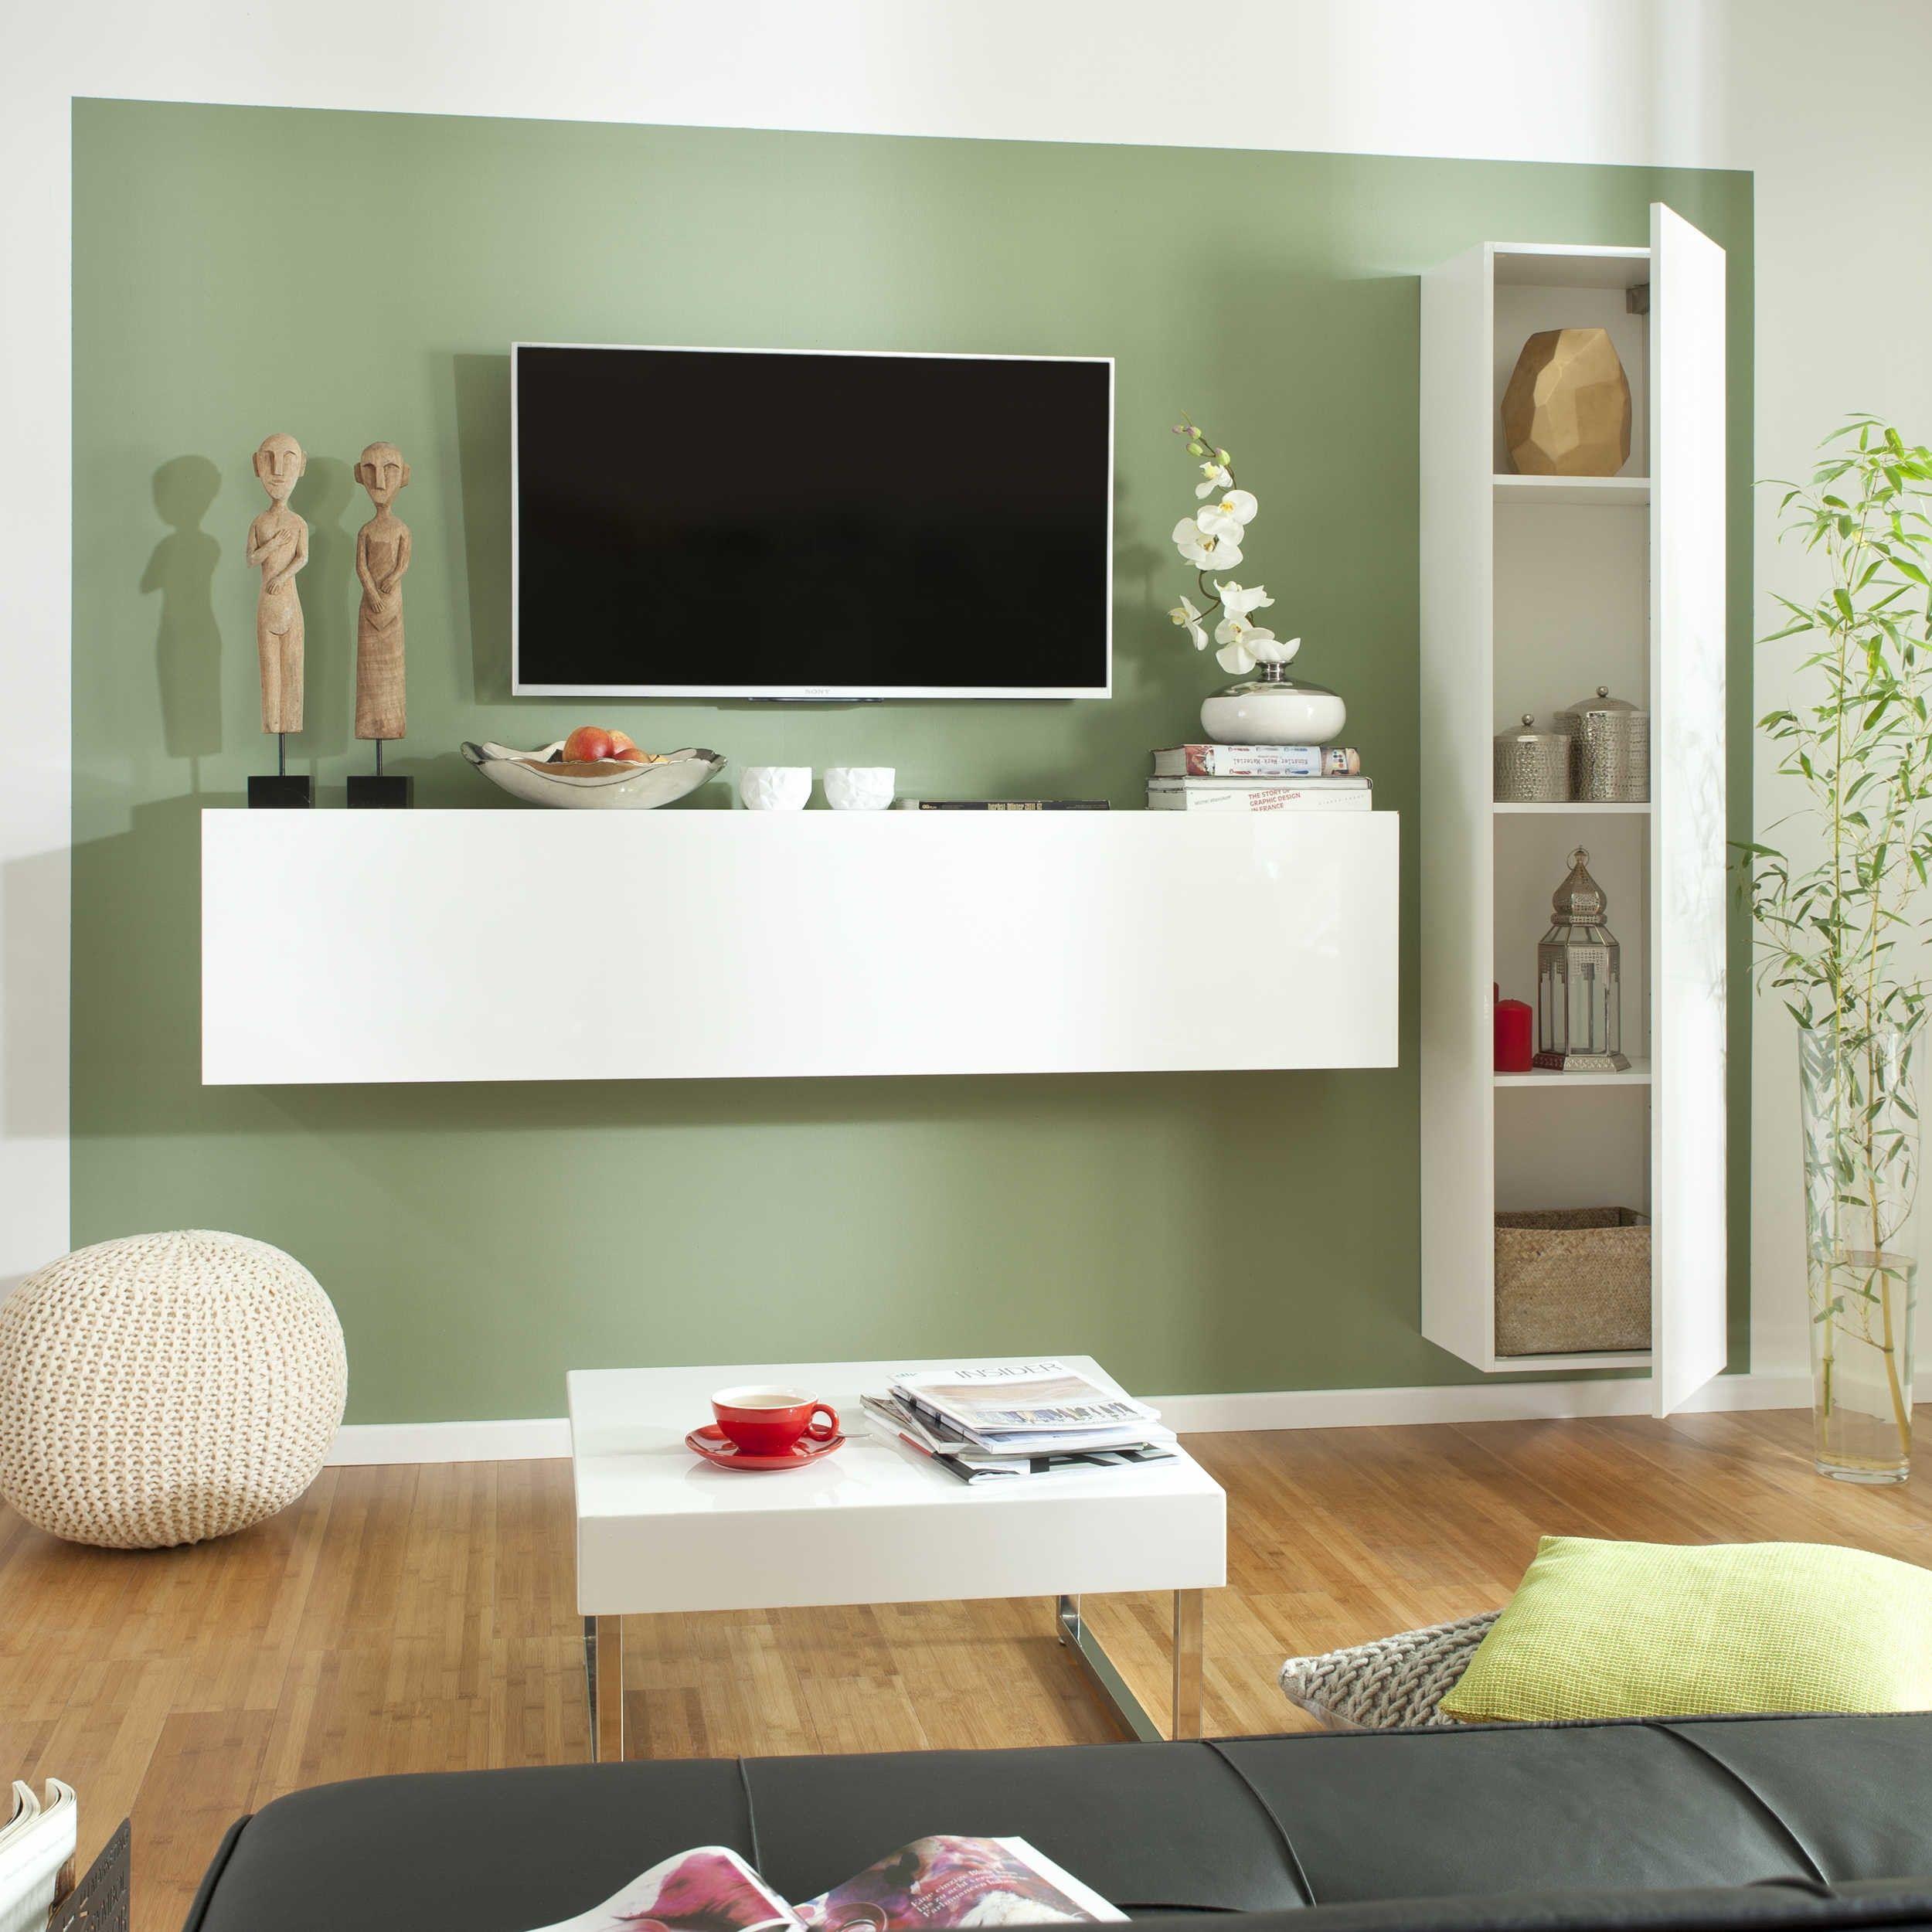 TV-Lowboard Galta - TV Lowboards - Wohnwände & TV-Lowboards - Wohnzimmer - Möbel